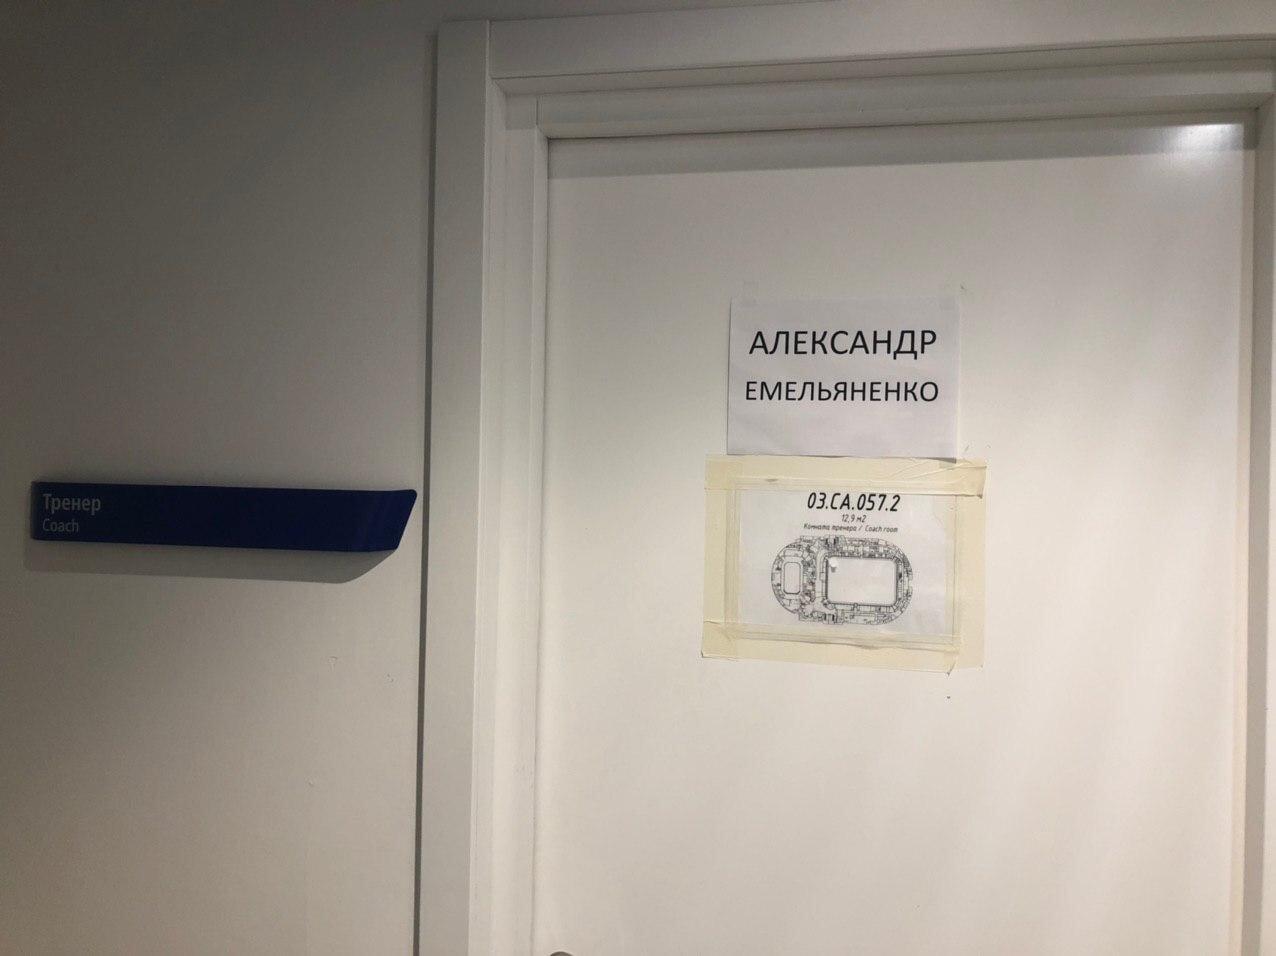 Александр Емельяненко против Михаила Кокляева: нокаут в первом раунде. Онлайн-трансляция супербоя в Москве